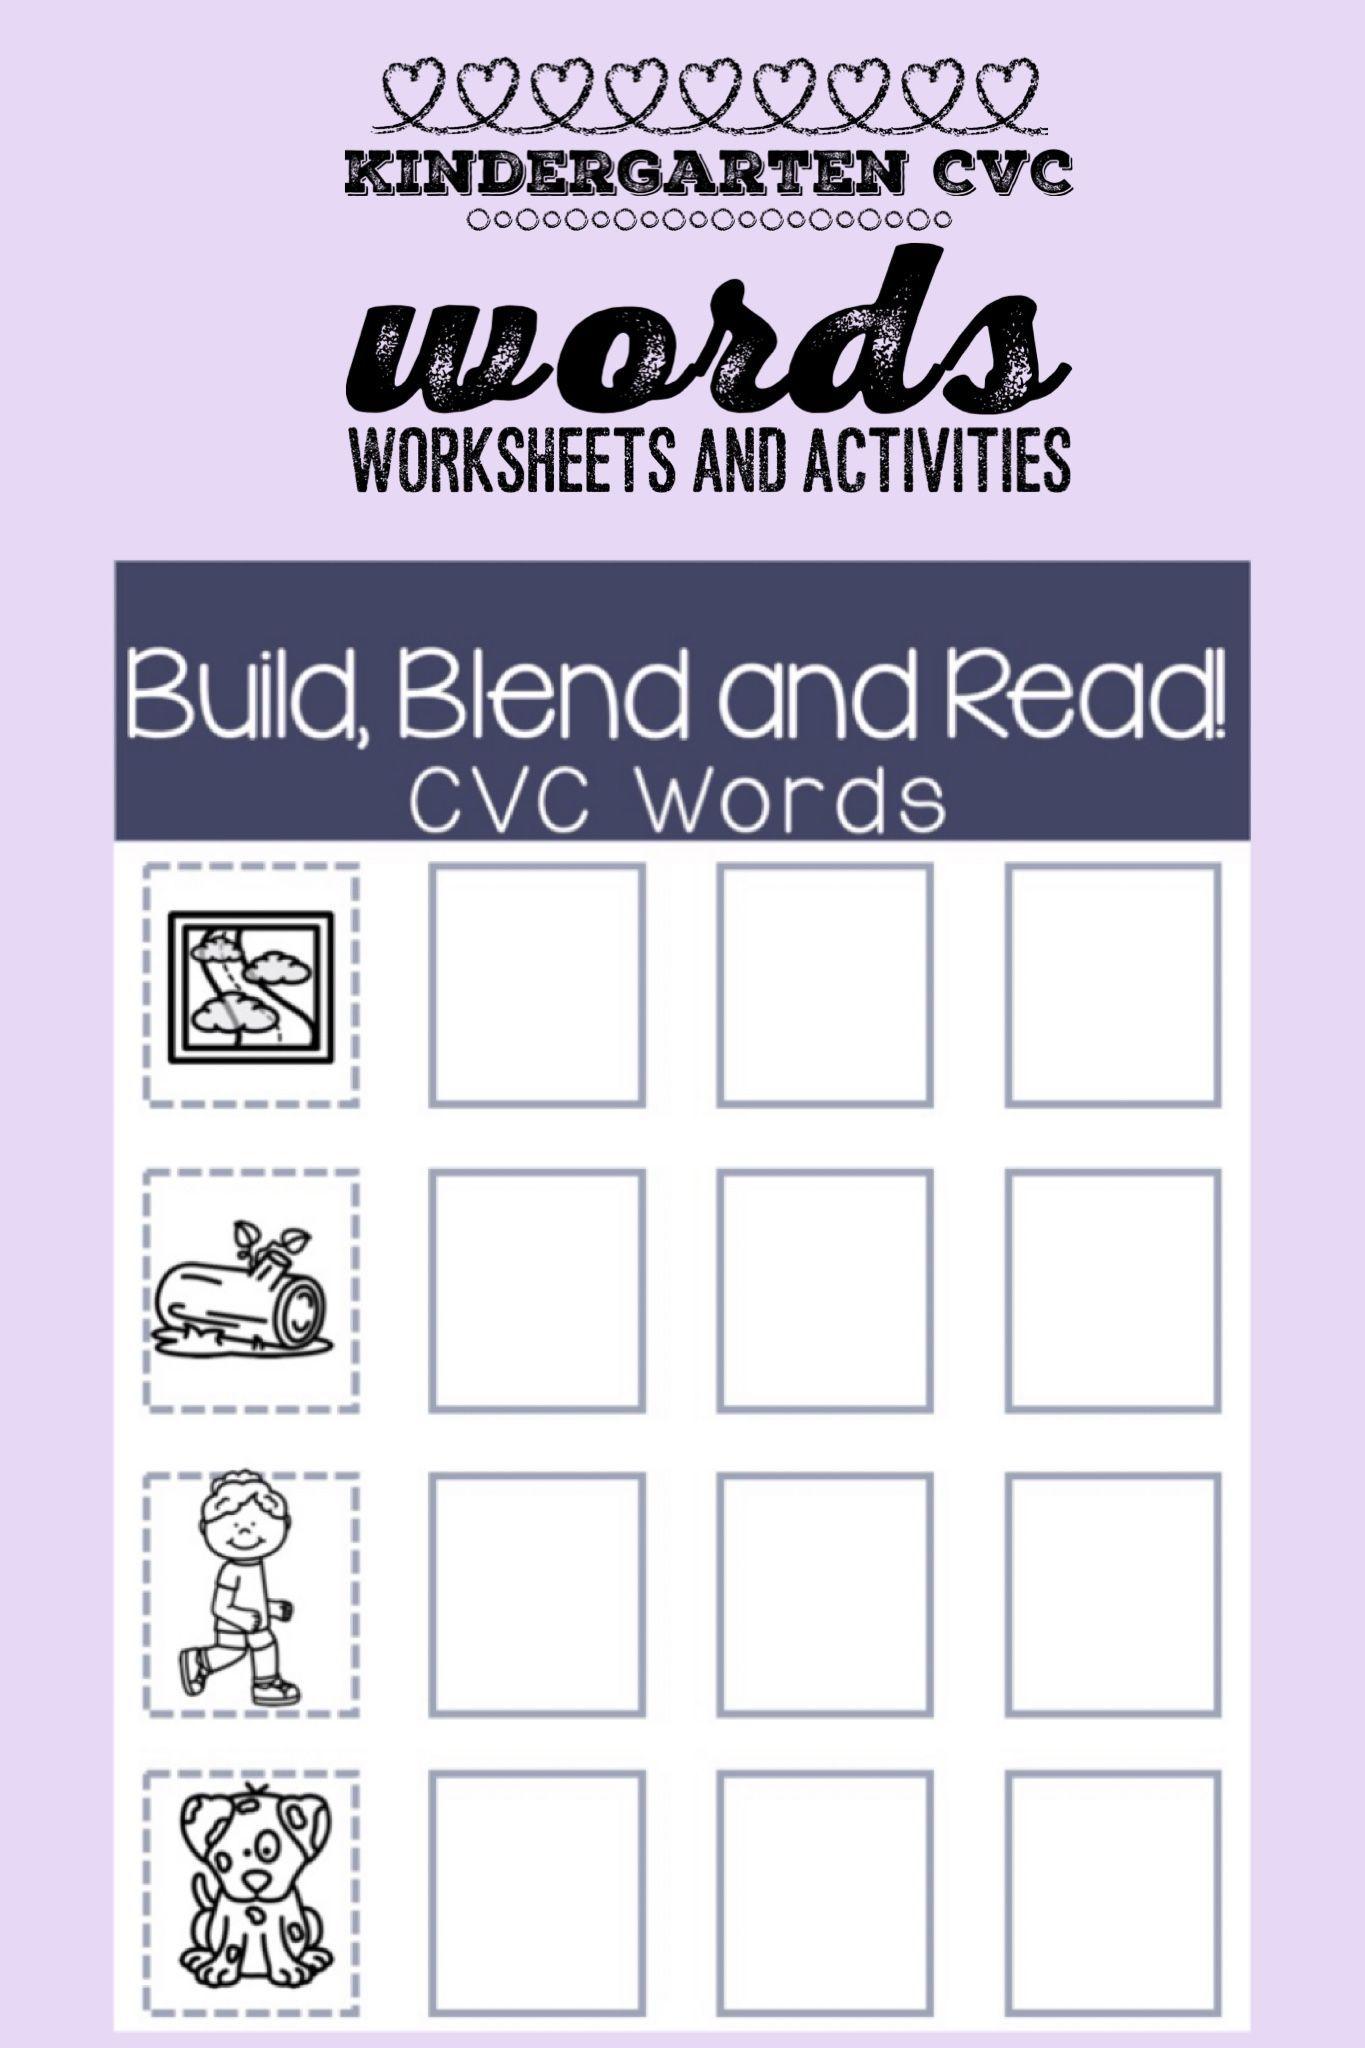 Kindergarten Printable Worksheets And Activities To Practice Cvc Word Blending And Segmenting These Skil Cvc Words Cvc Words Worksheets Word Family Activities [ 2048 x 1365 Pixel ]